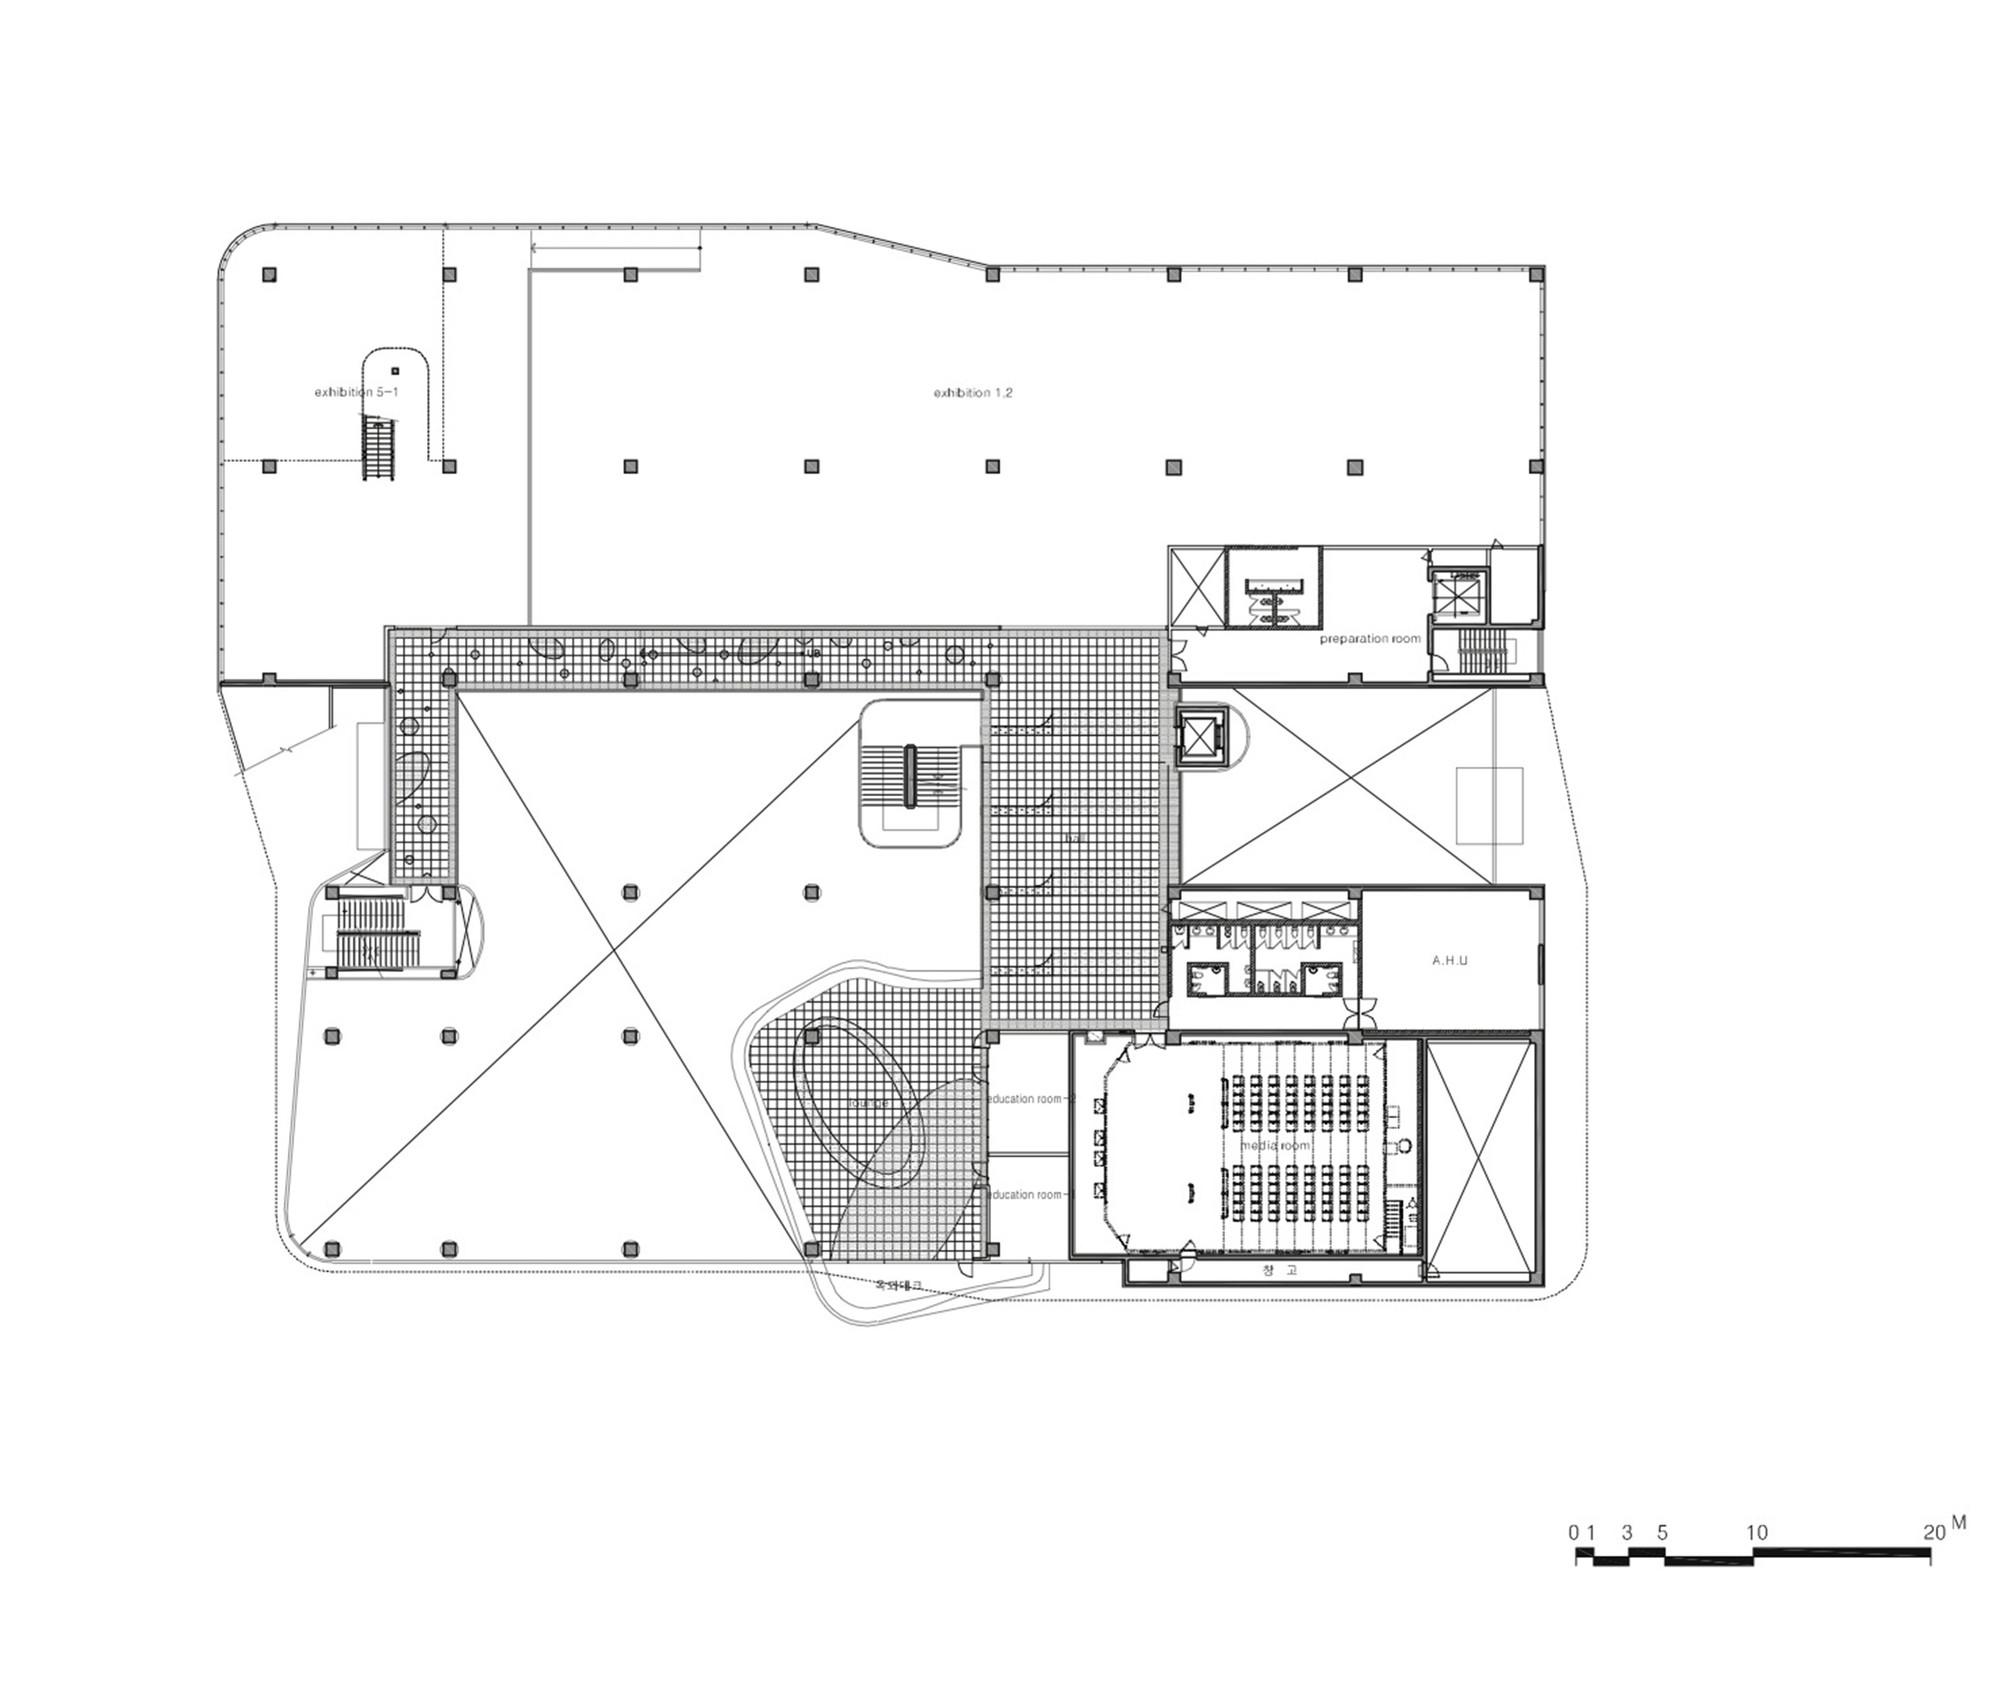 D Exhibition Floor Plan : Gallery of incheon children science museum haeahn